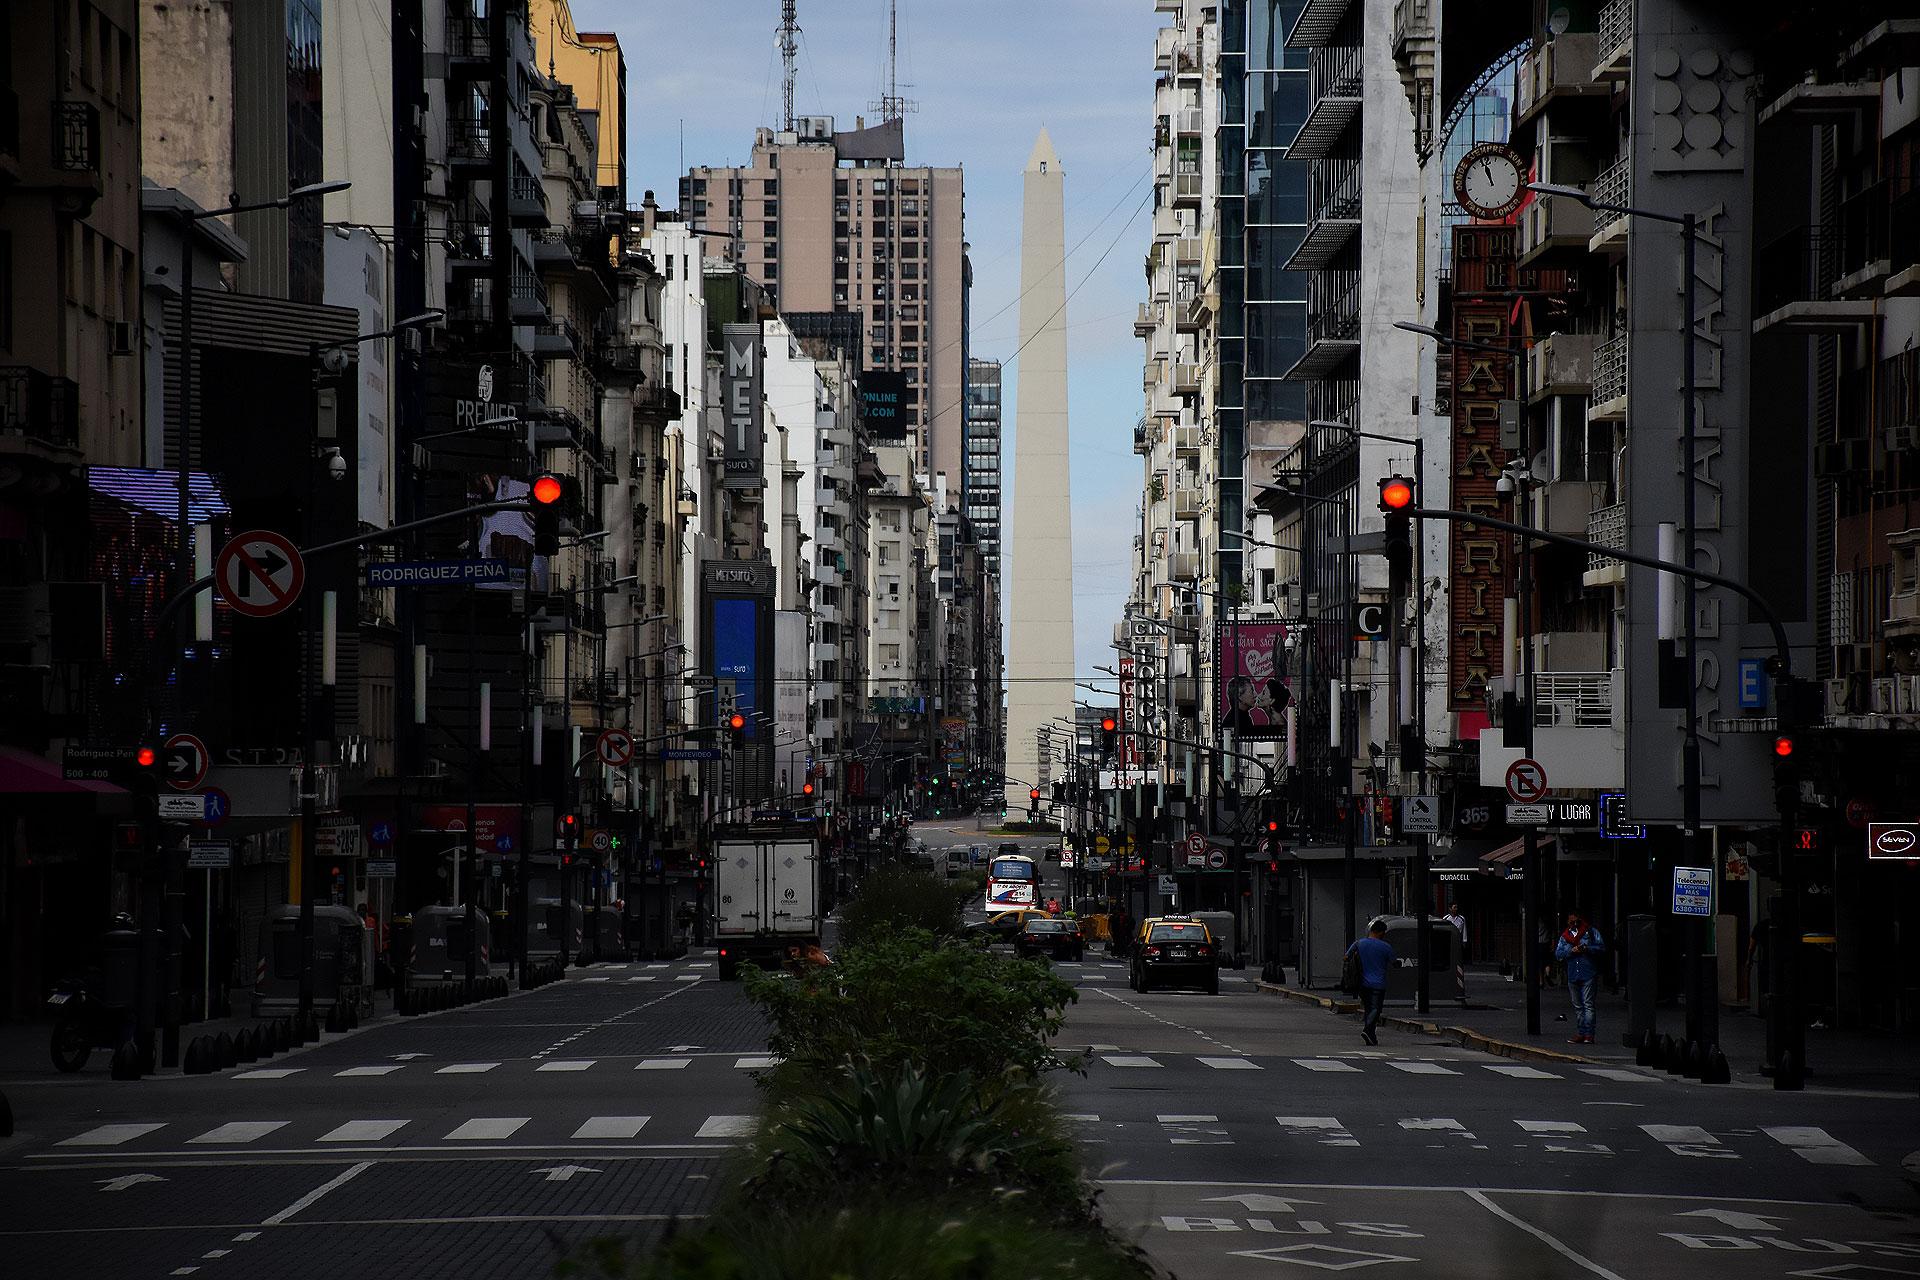 La calle Corrientes, con muy poco movimiento